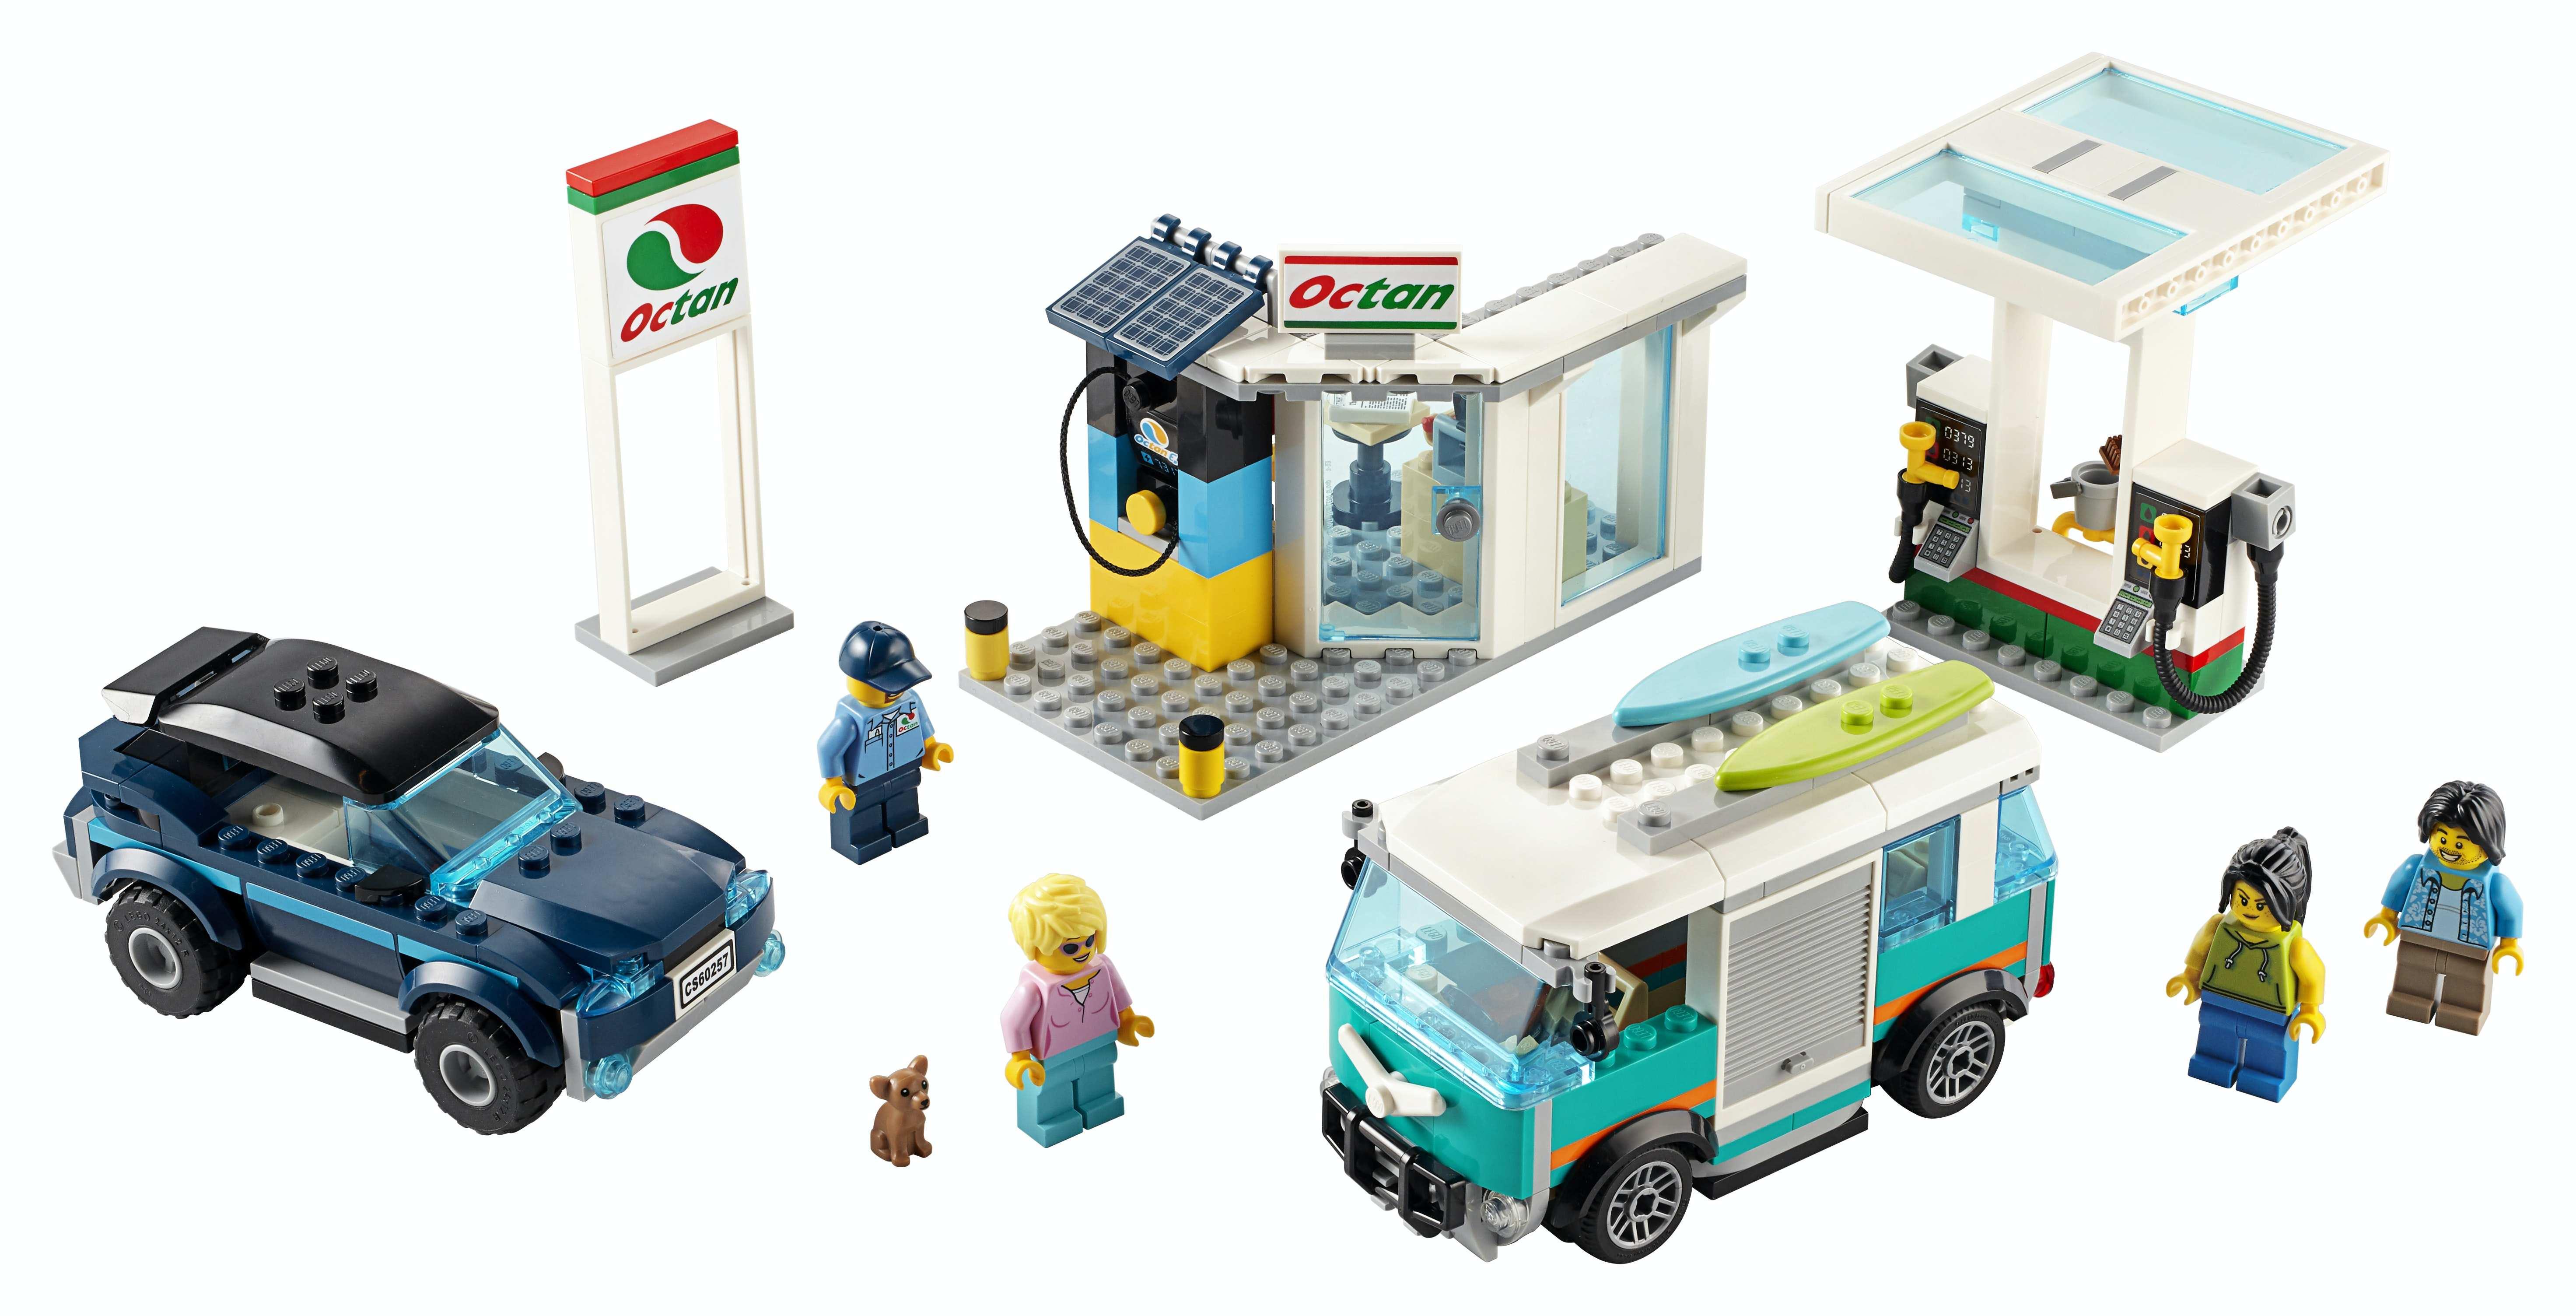 Alle Bedrijven Online Opening Lego Pagina 1